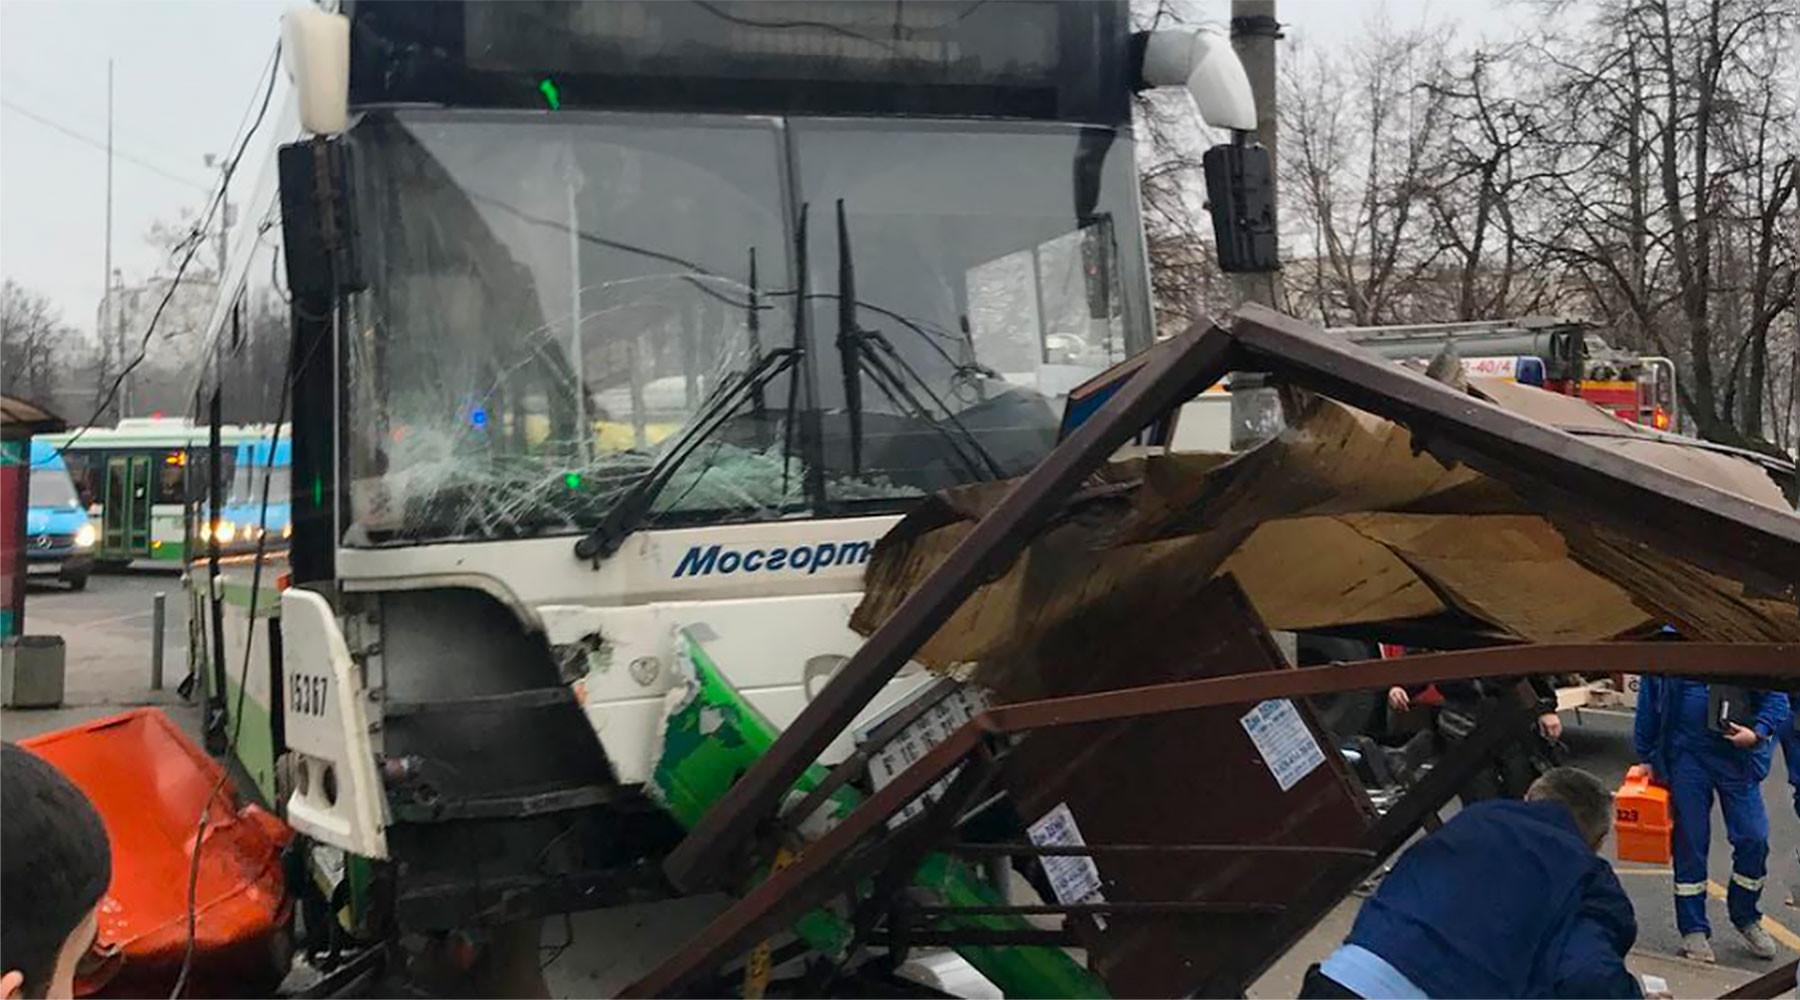 В МЧС опровергли гибель людей в результате наезда автобуса на остановку в Москве